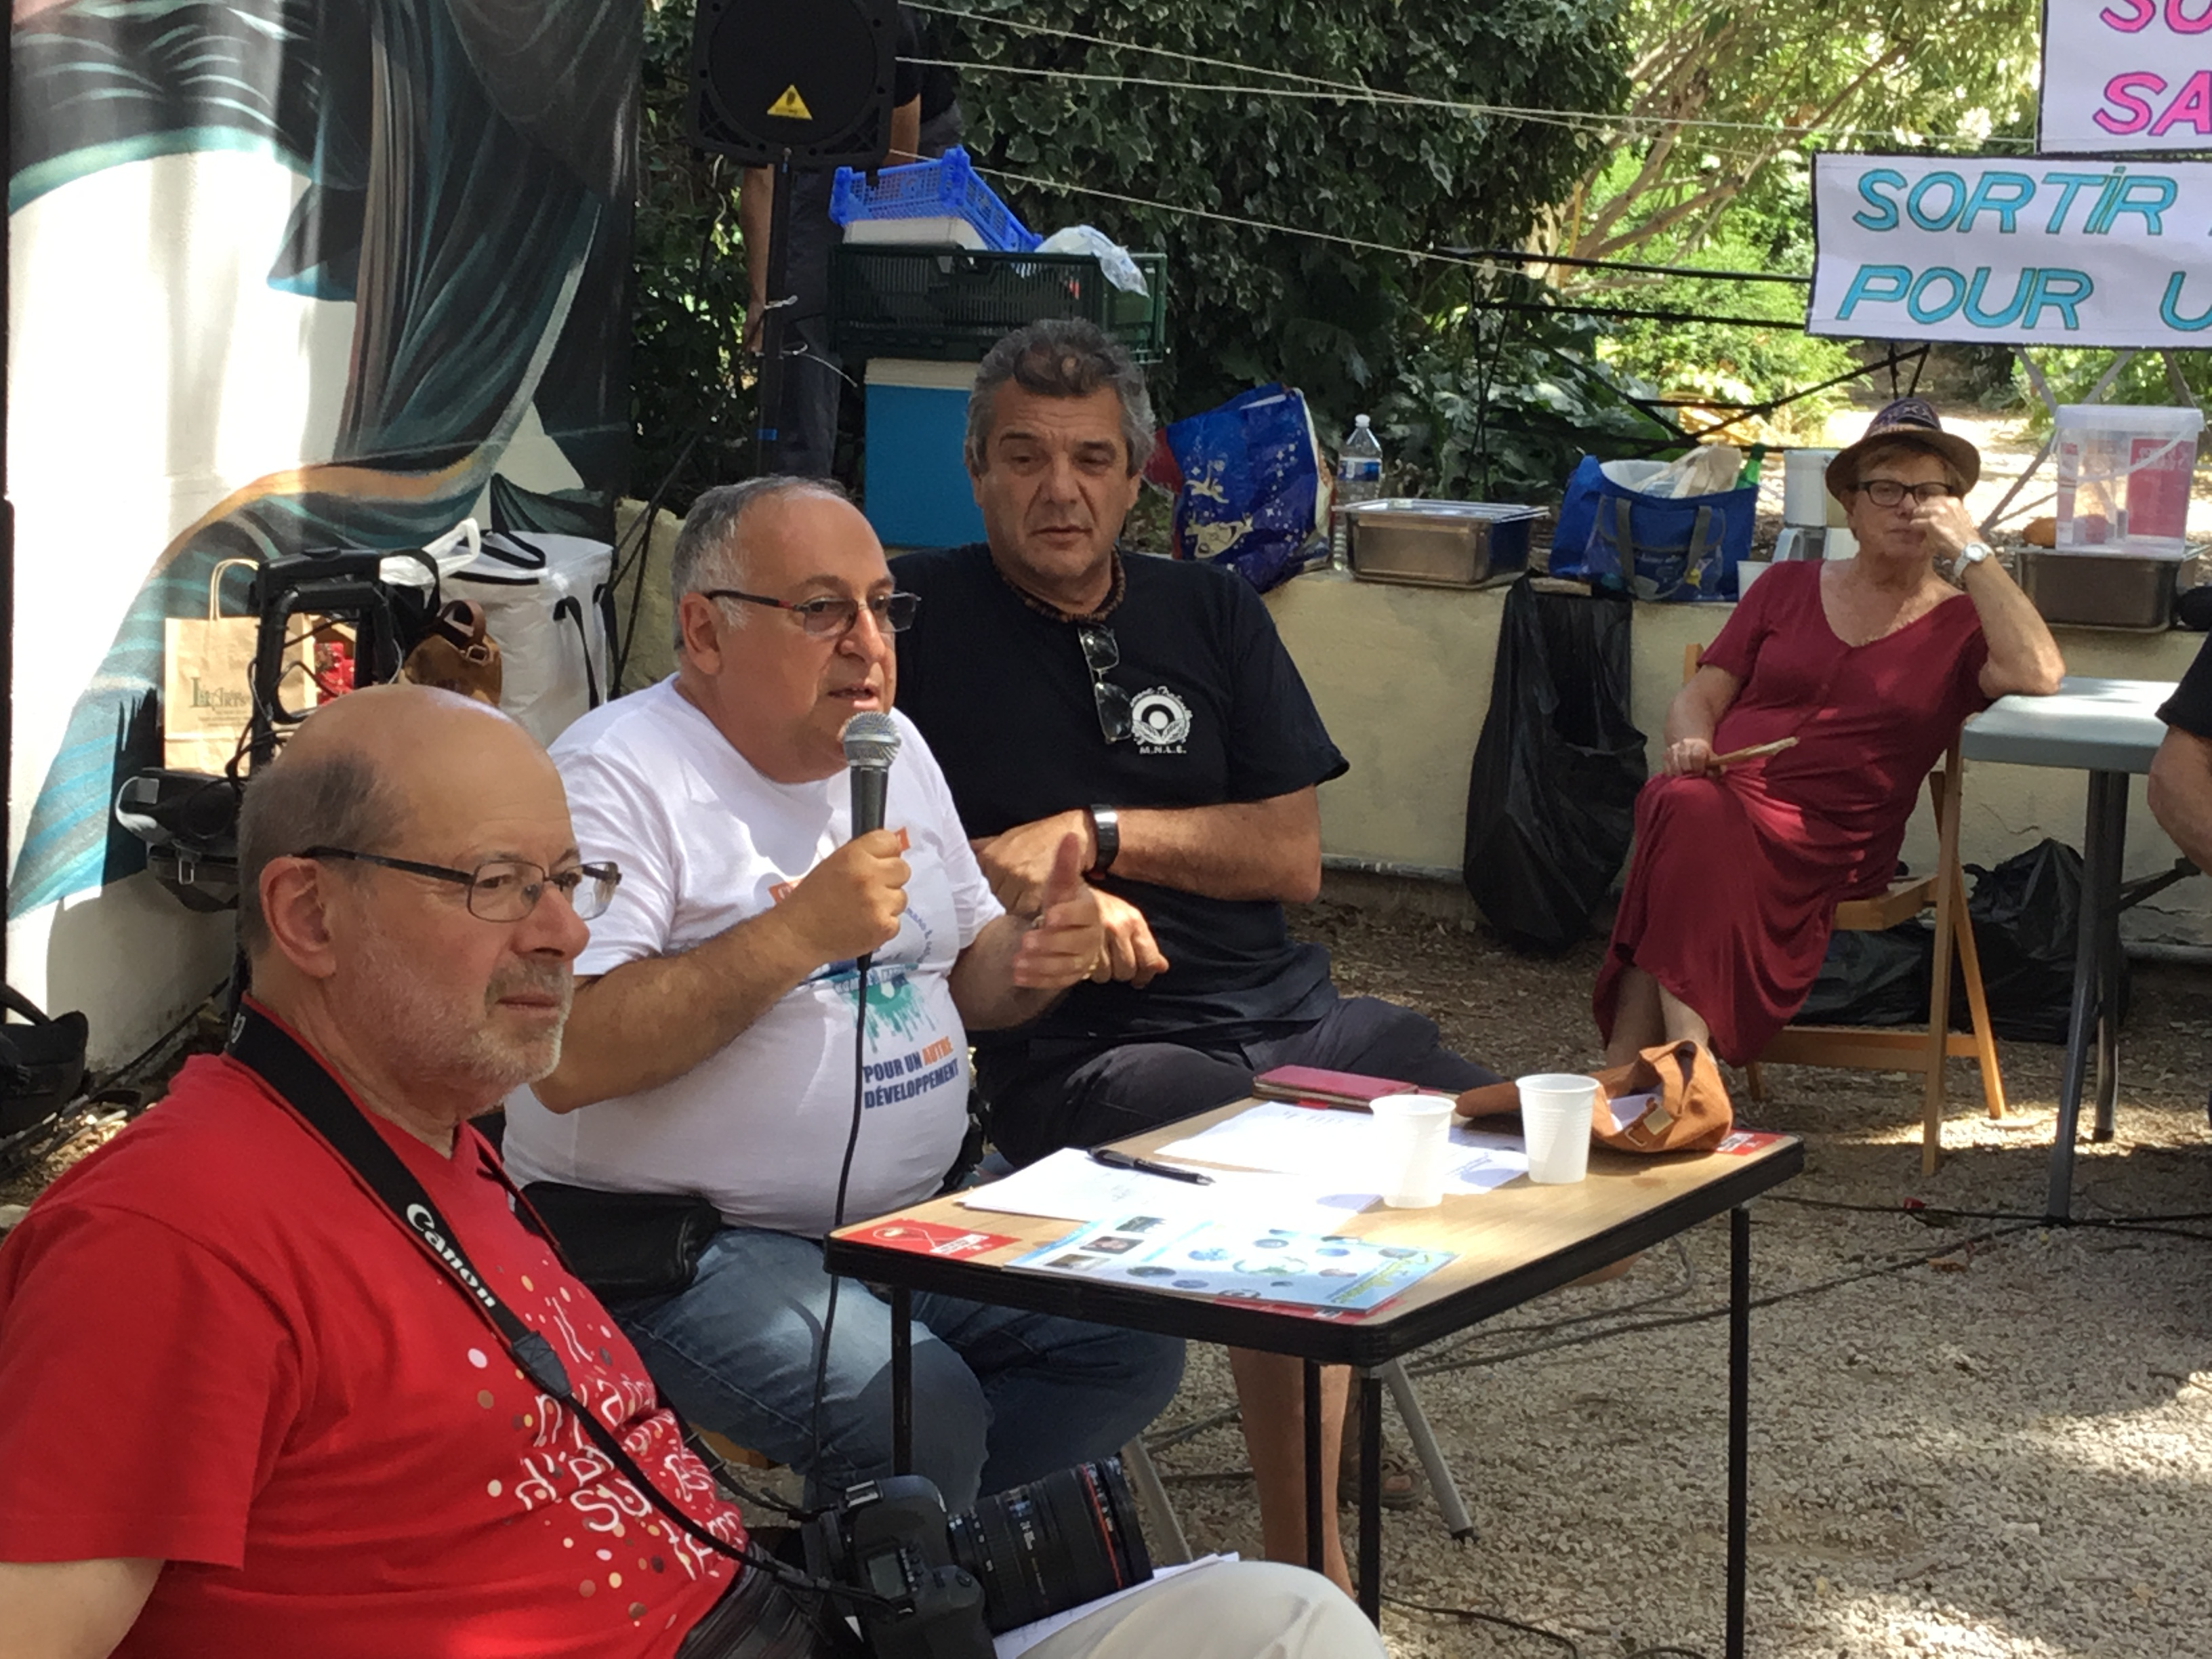 Un dimanche studieux de la Fac St Charles au Jardin Levât (3èm) : Même discussion sur les Communs et les Alternatives indispensables aux projets  pour les réussir les échéances de 2020 !